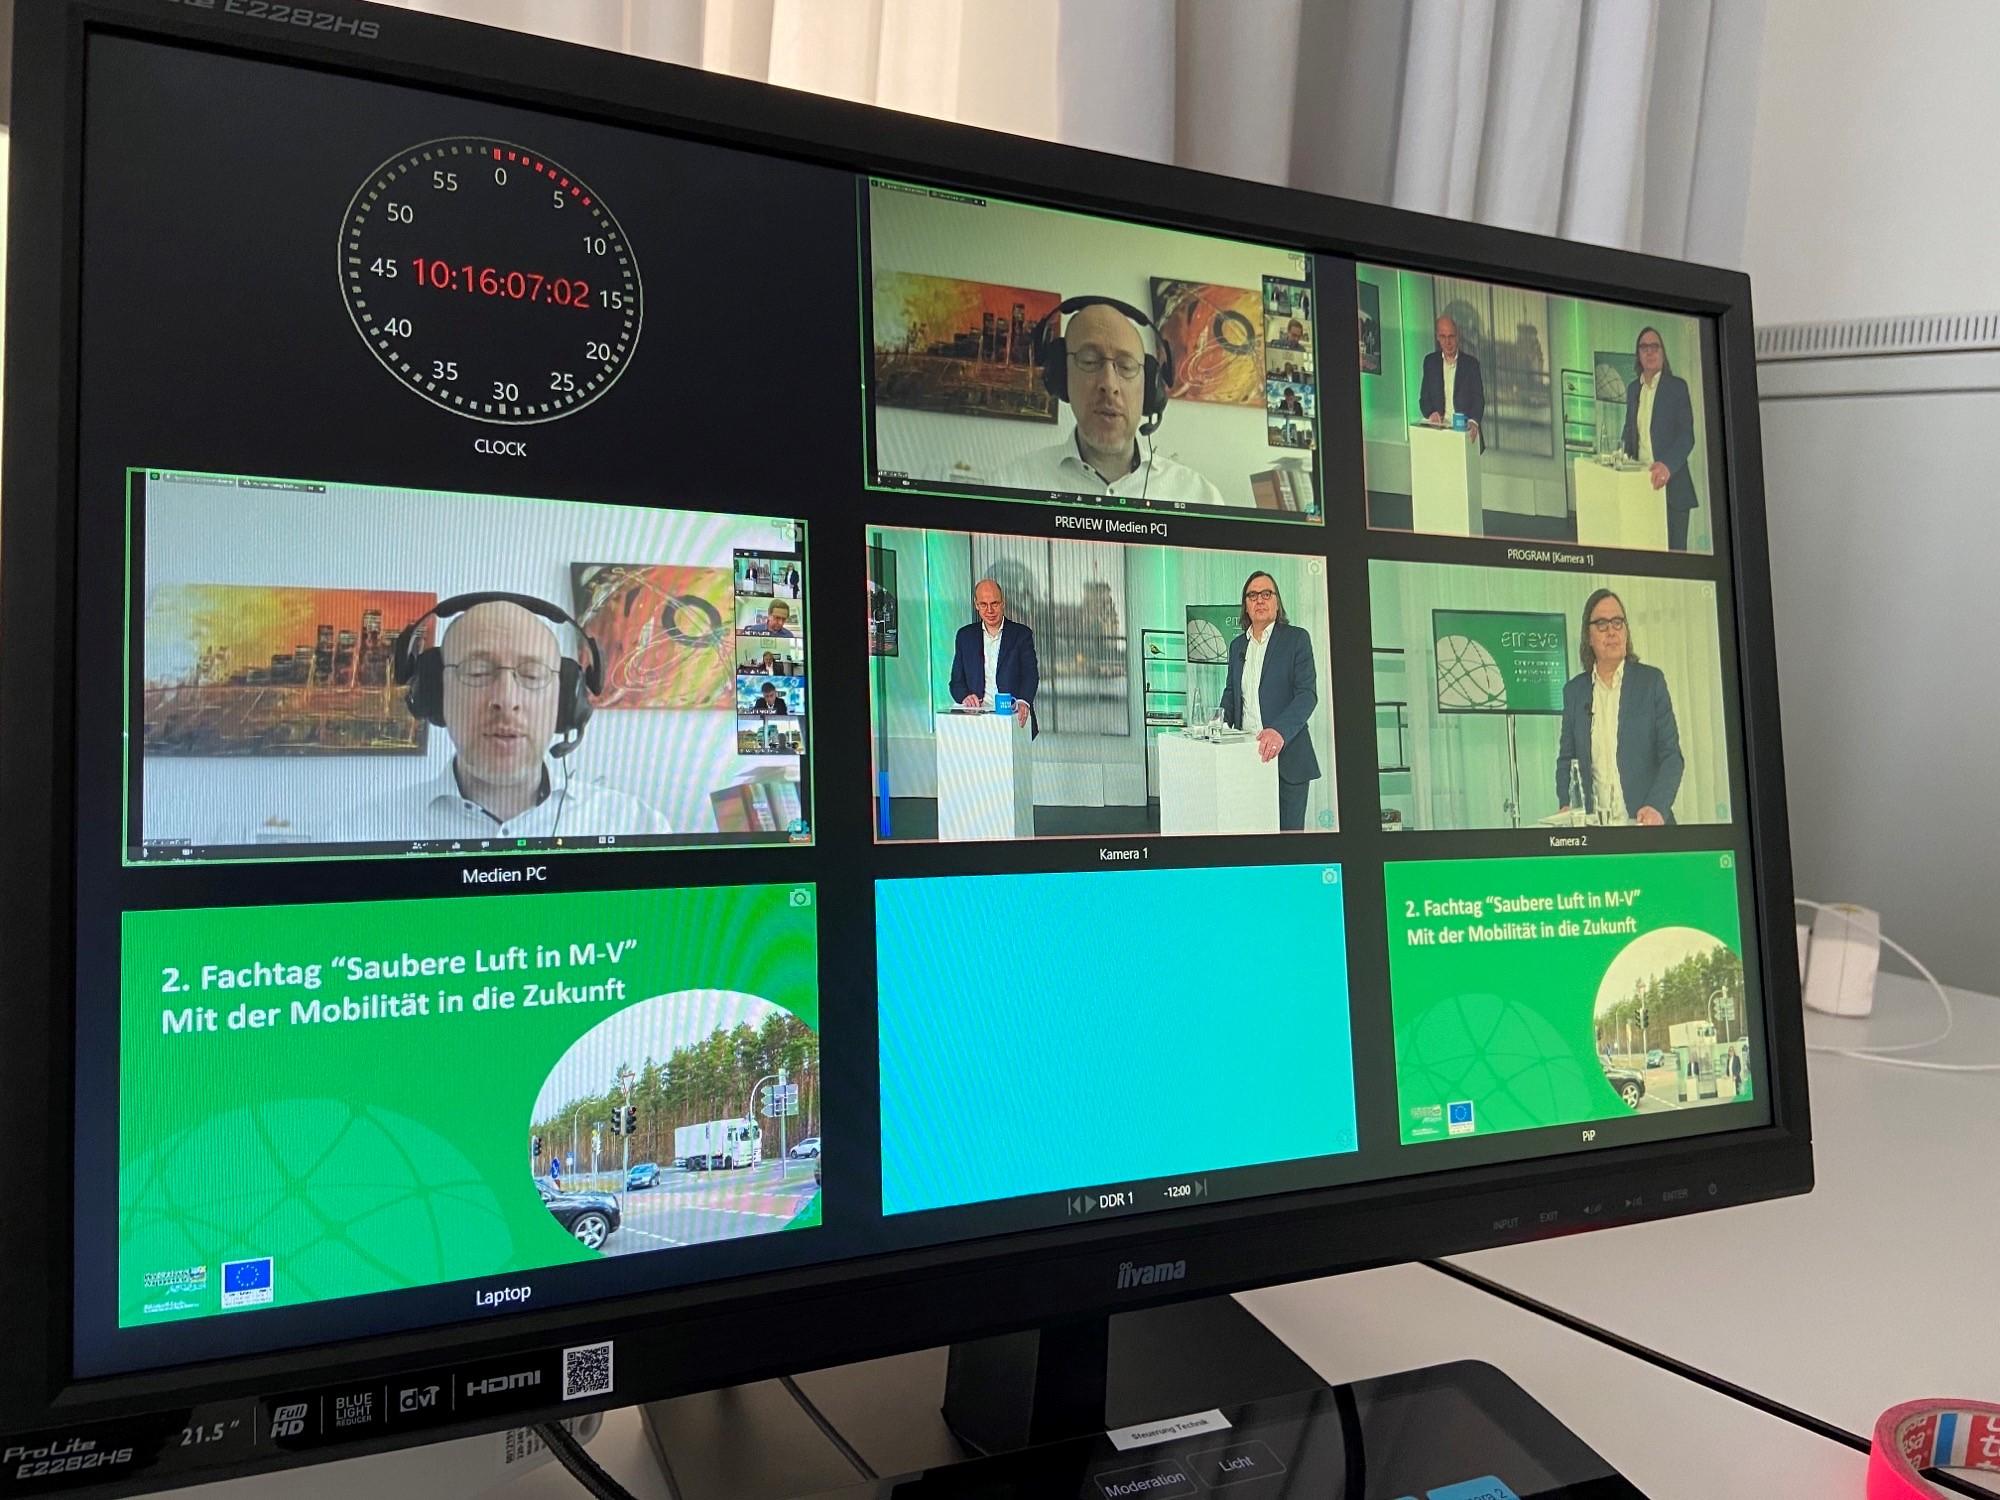 Monitor zeigt Aufnahmen vom emevo-Fachtag.